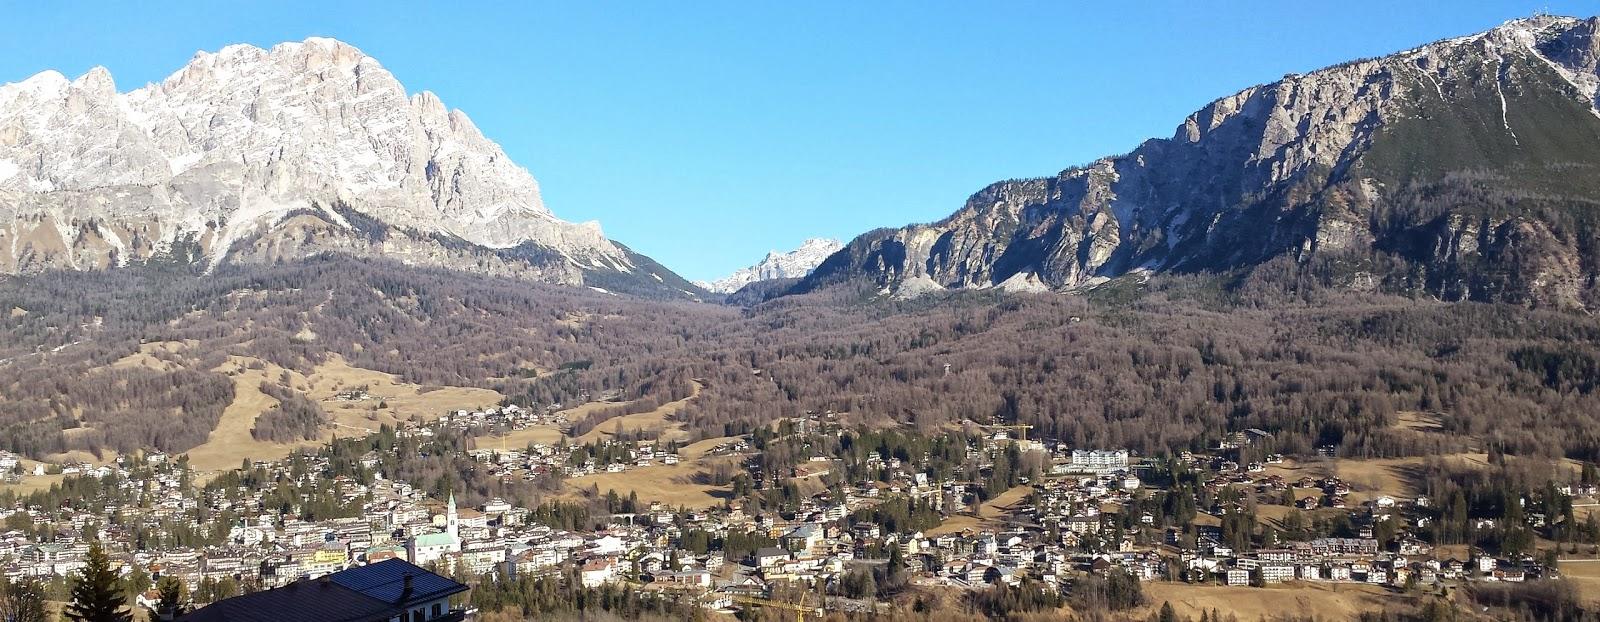 Partii De Ski Si Oferte La Ski Cortina D Ampezzo